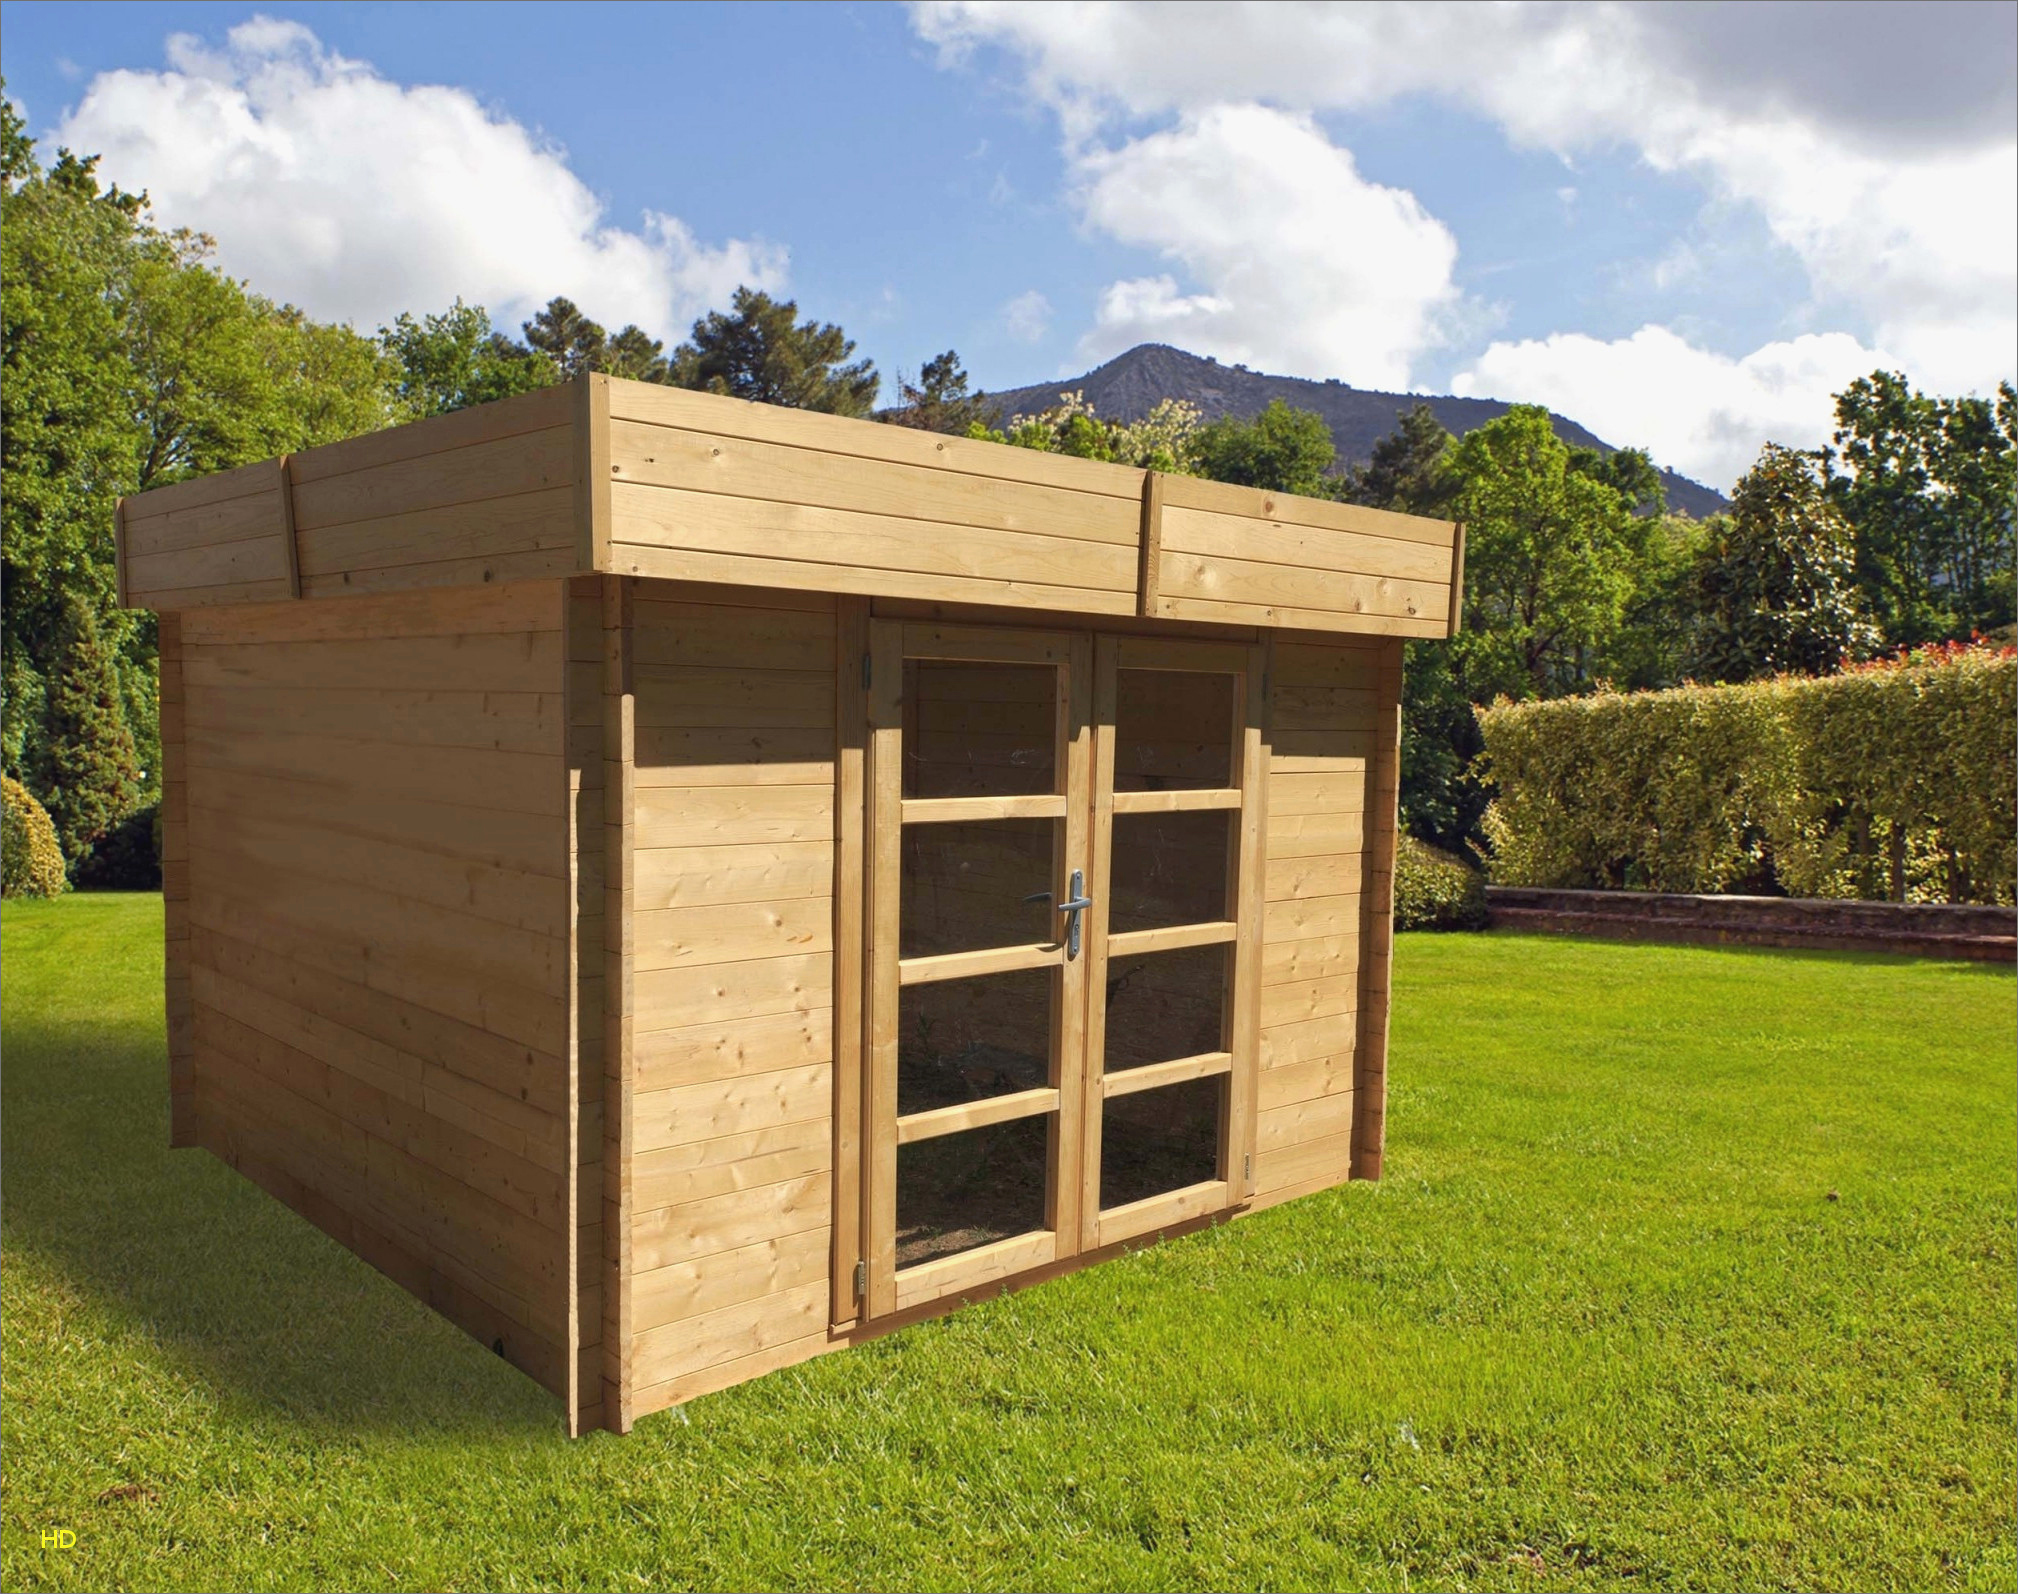 Idee Deco Interieur Cabane En Bois Beau Stock Que Faire Dans Le Jardin Luxe Abri De Spa Beau Jardin Bois New